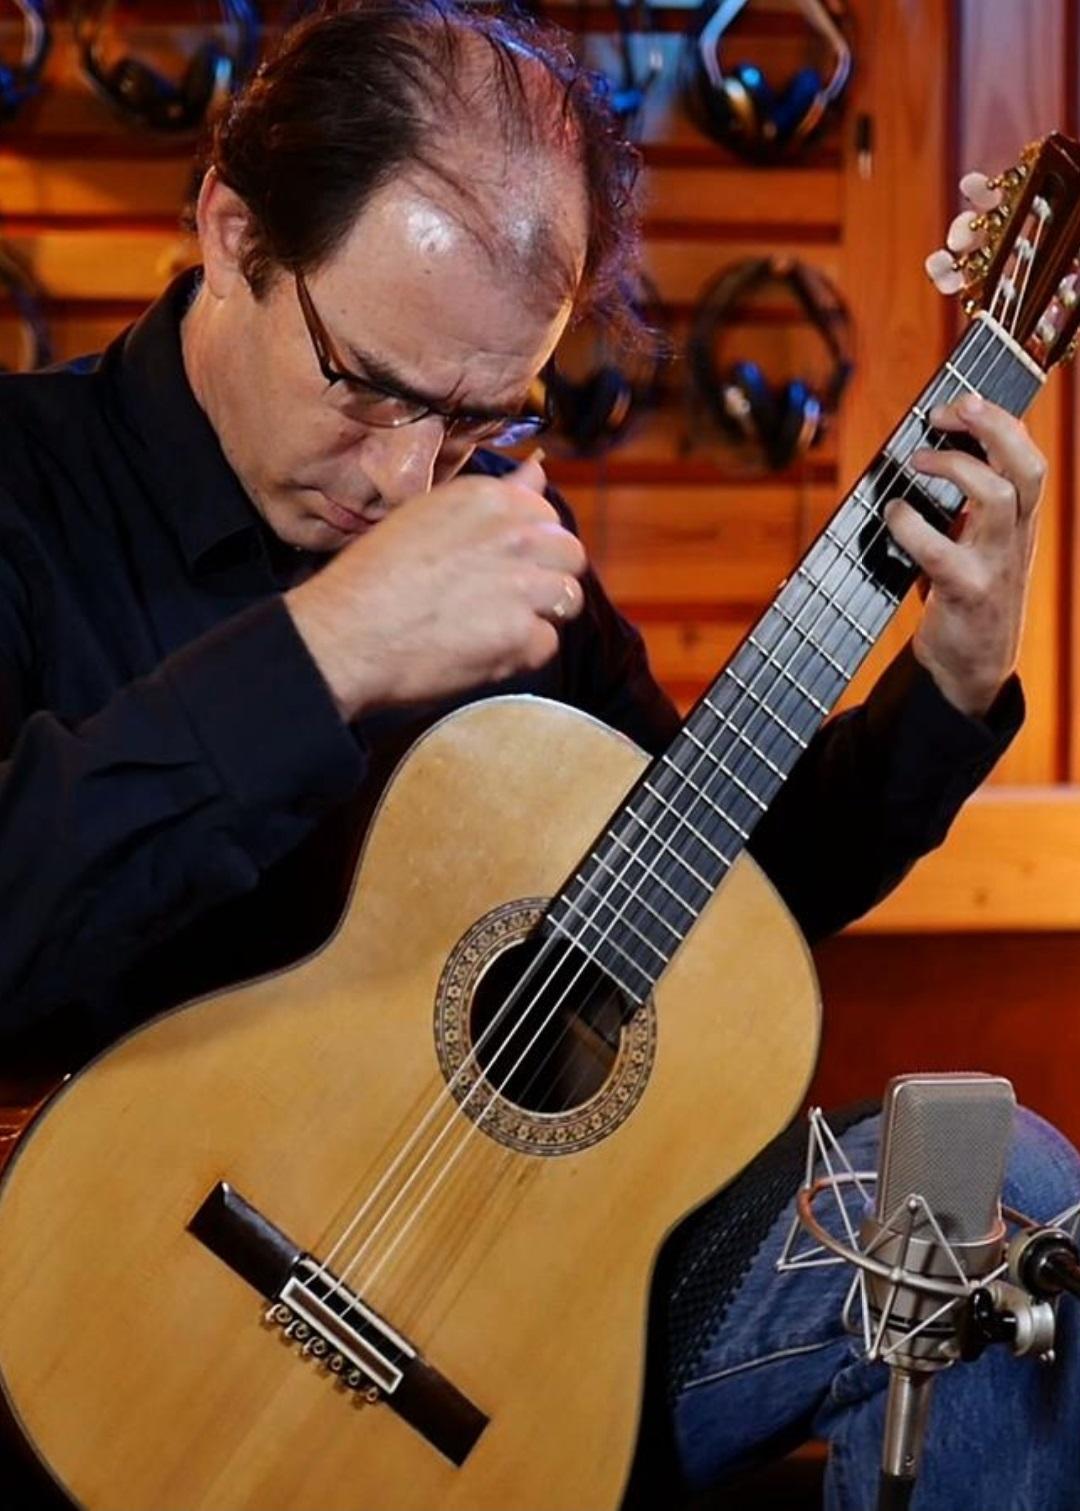 עודד שוב על גיטרה קלאסית באולפן